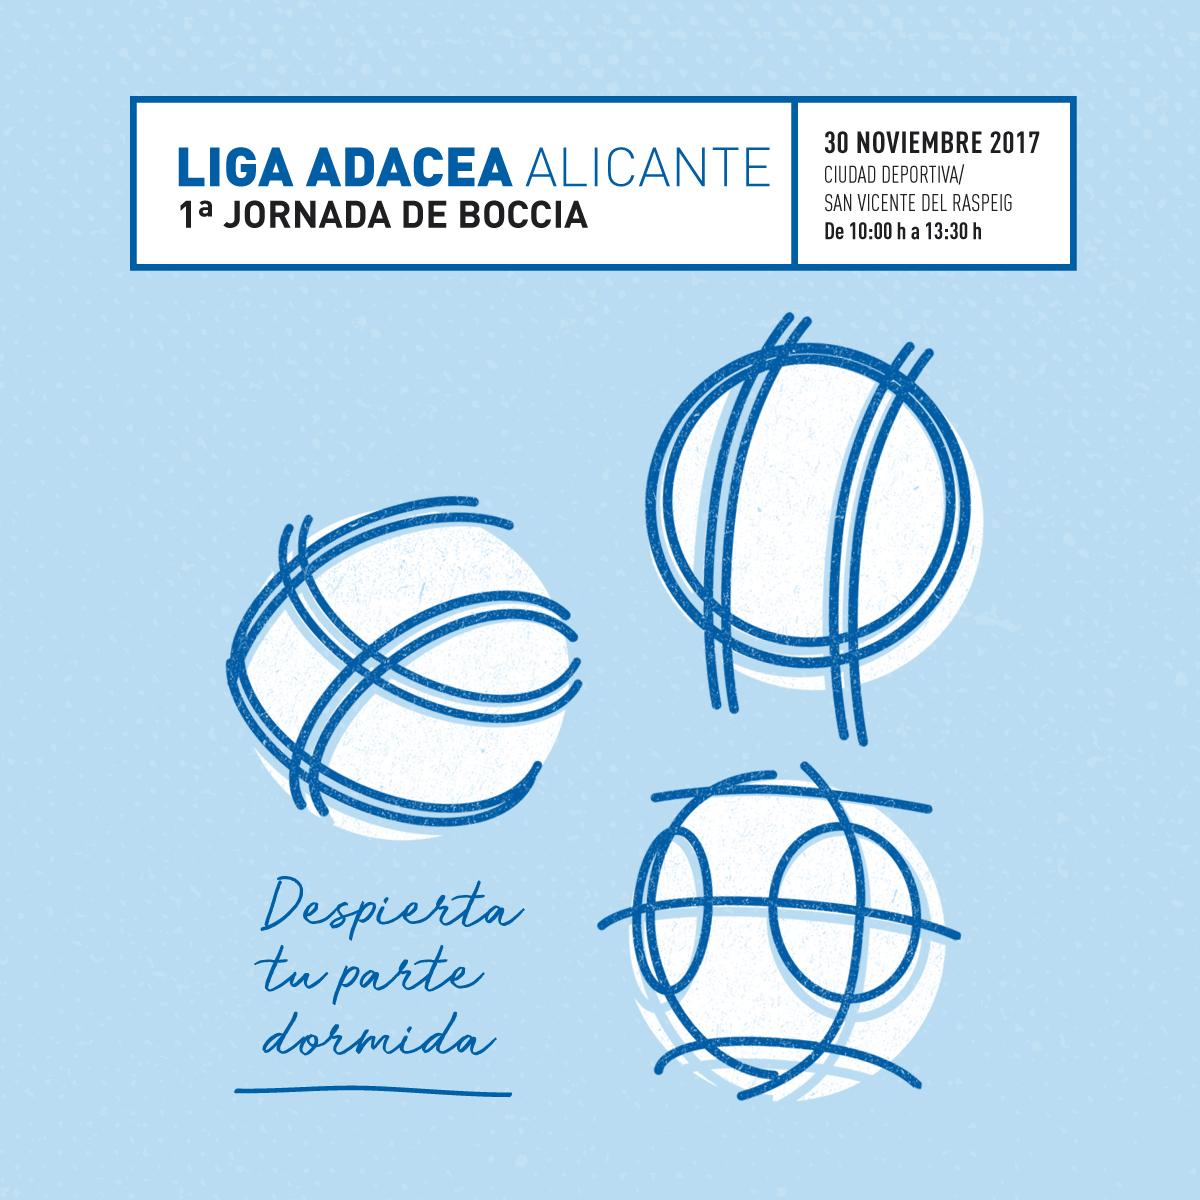 1ª JORNADA DE BOCCIA DE LA LIGA ADACEA ALICANTE